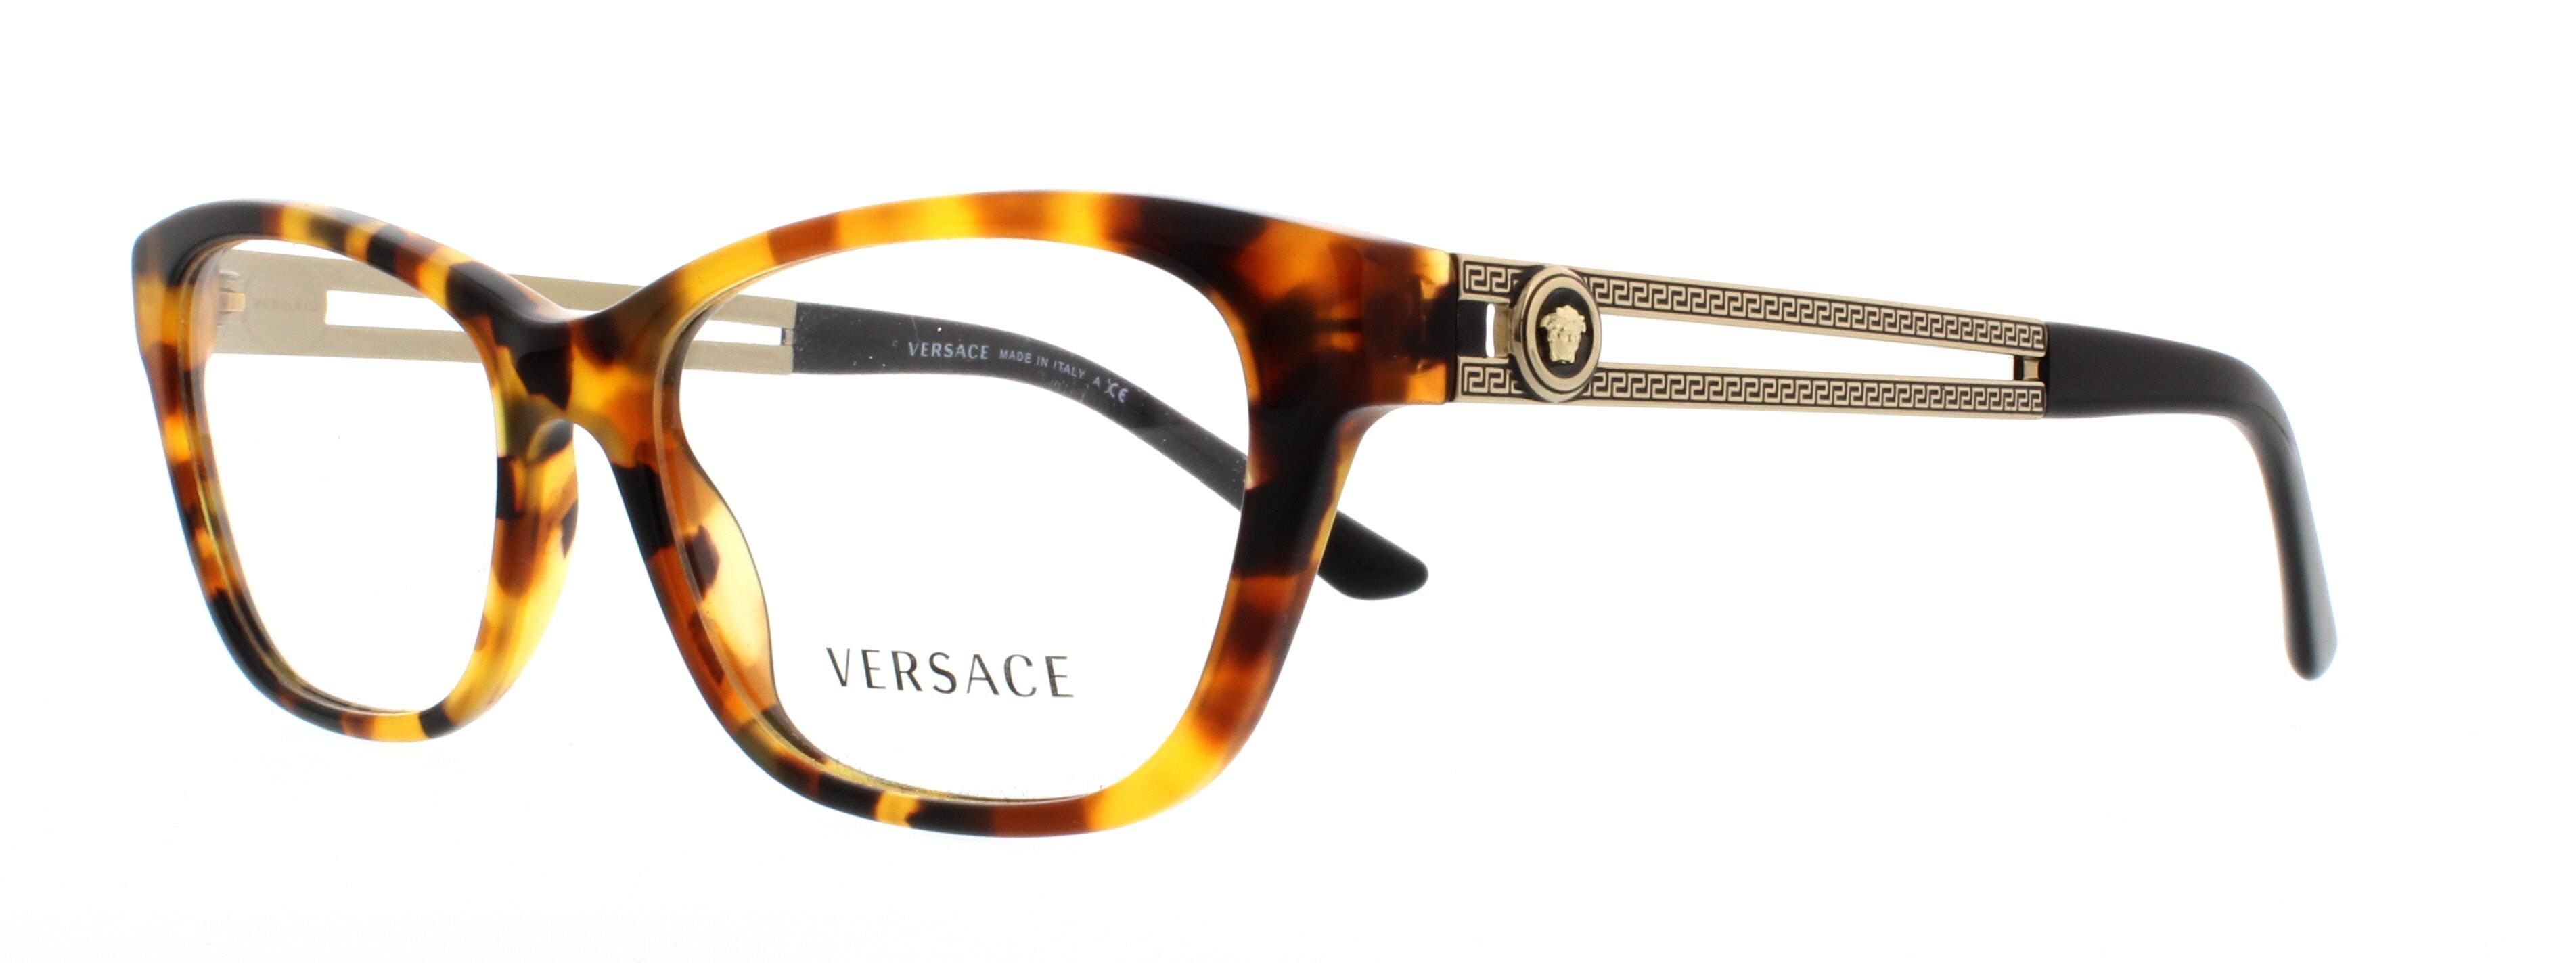 5644002eb4d Versace - Designer Frames Outlet